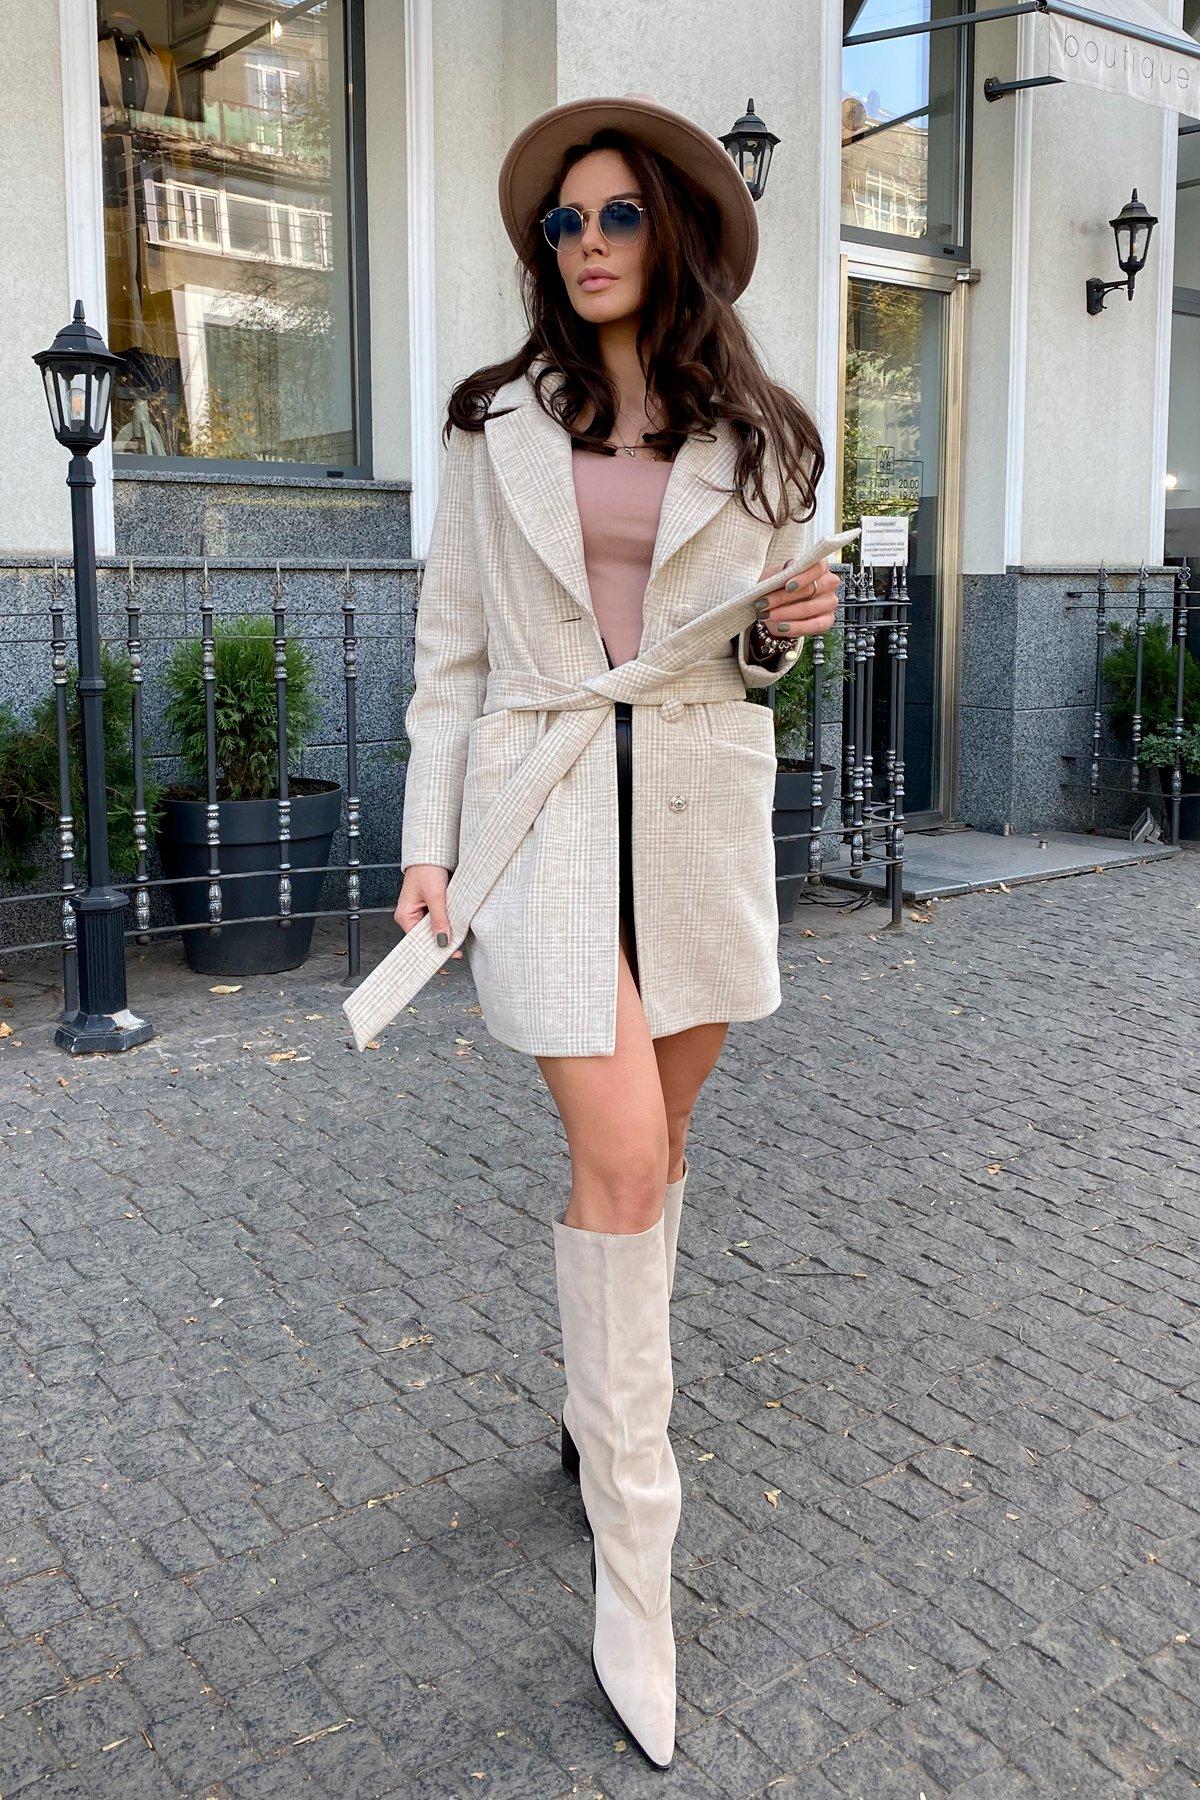 Вейсона клетка комби пальтовая ткань пальто 9874 АРТ. 46161 Цвет: Св.бежевый/молоко - фото 11, интернет магазин tm-modus.ru